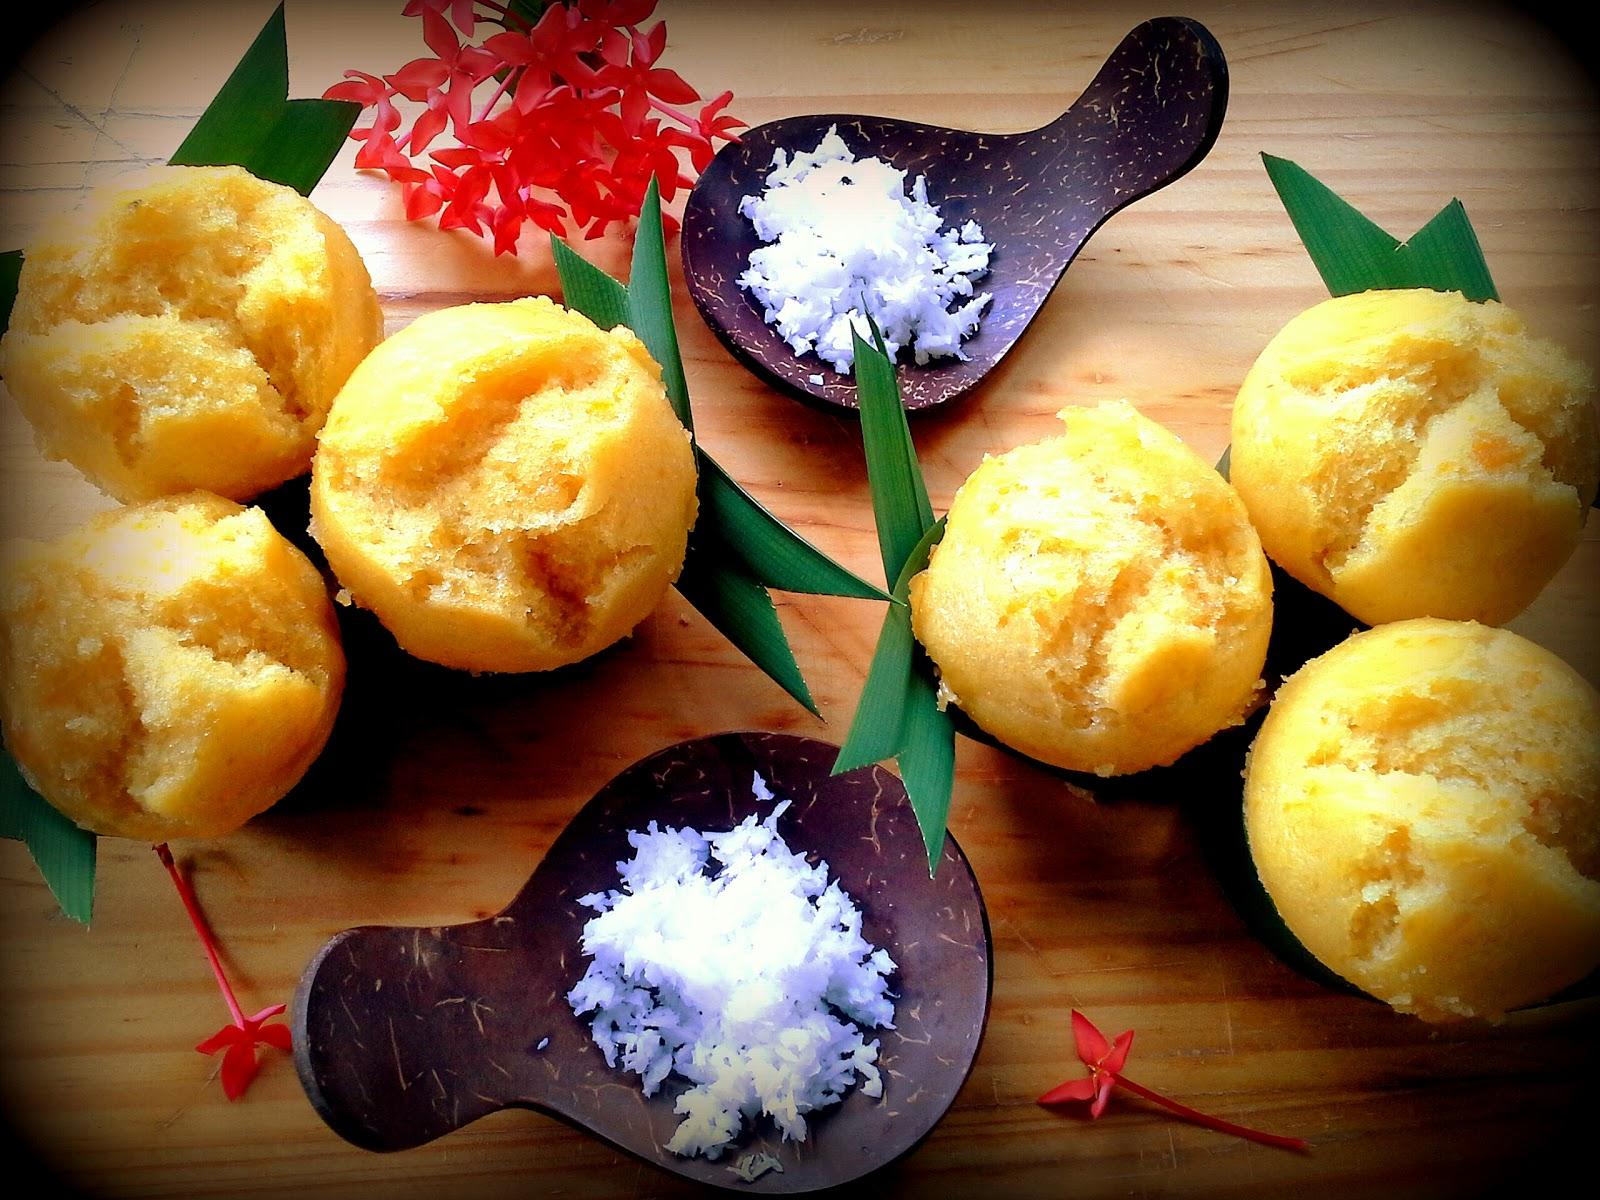 makanan dari tepung beras dan terigu